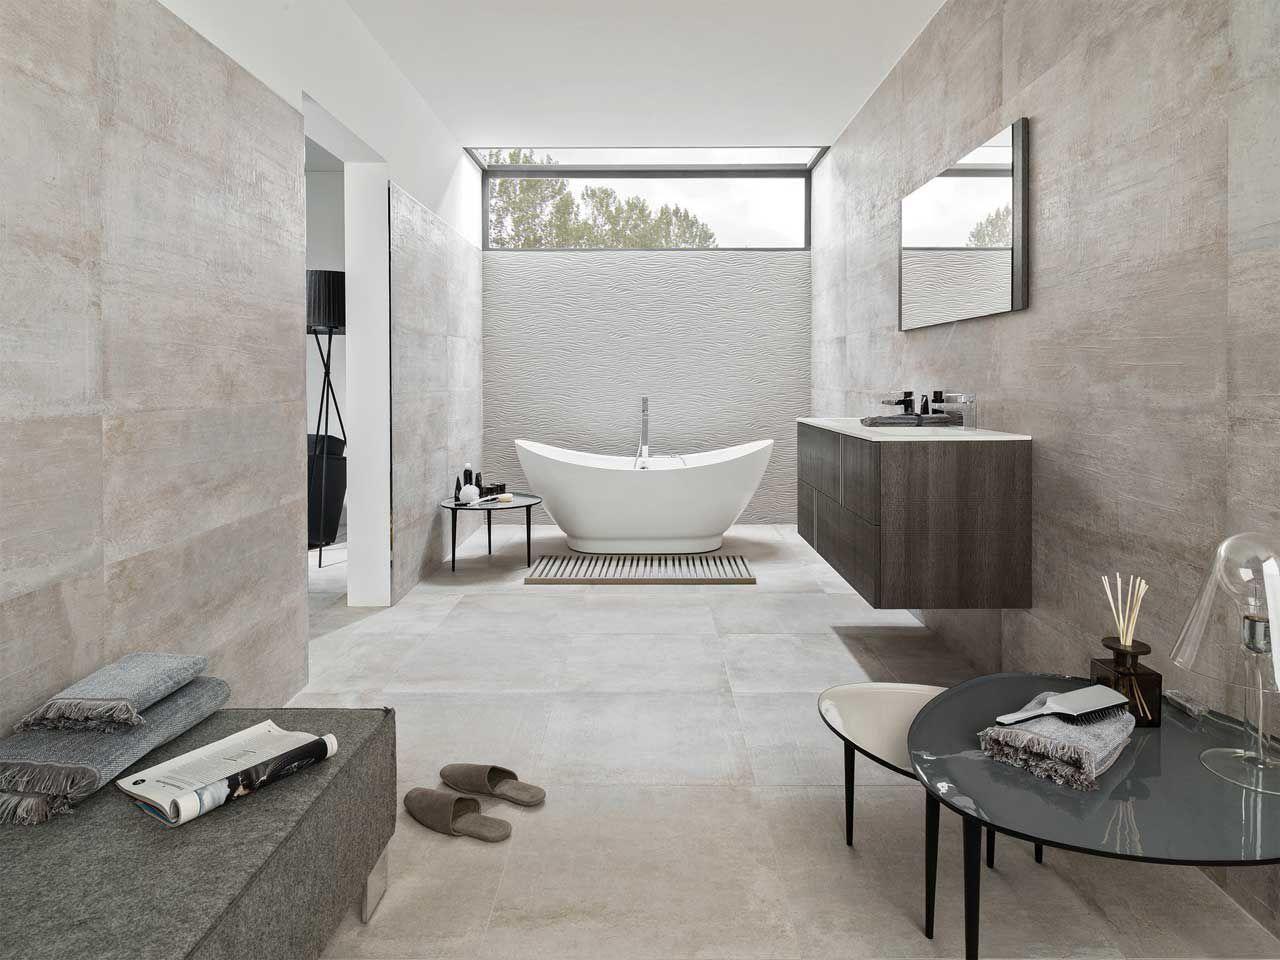 Baldosa de ba o de pared de cer mica pulida newport - Salle de bains porcelanosa ...